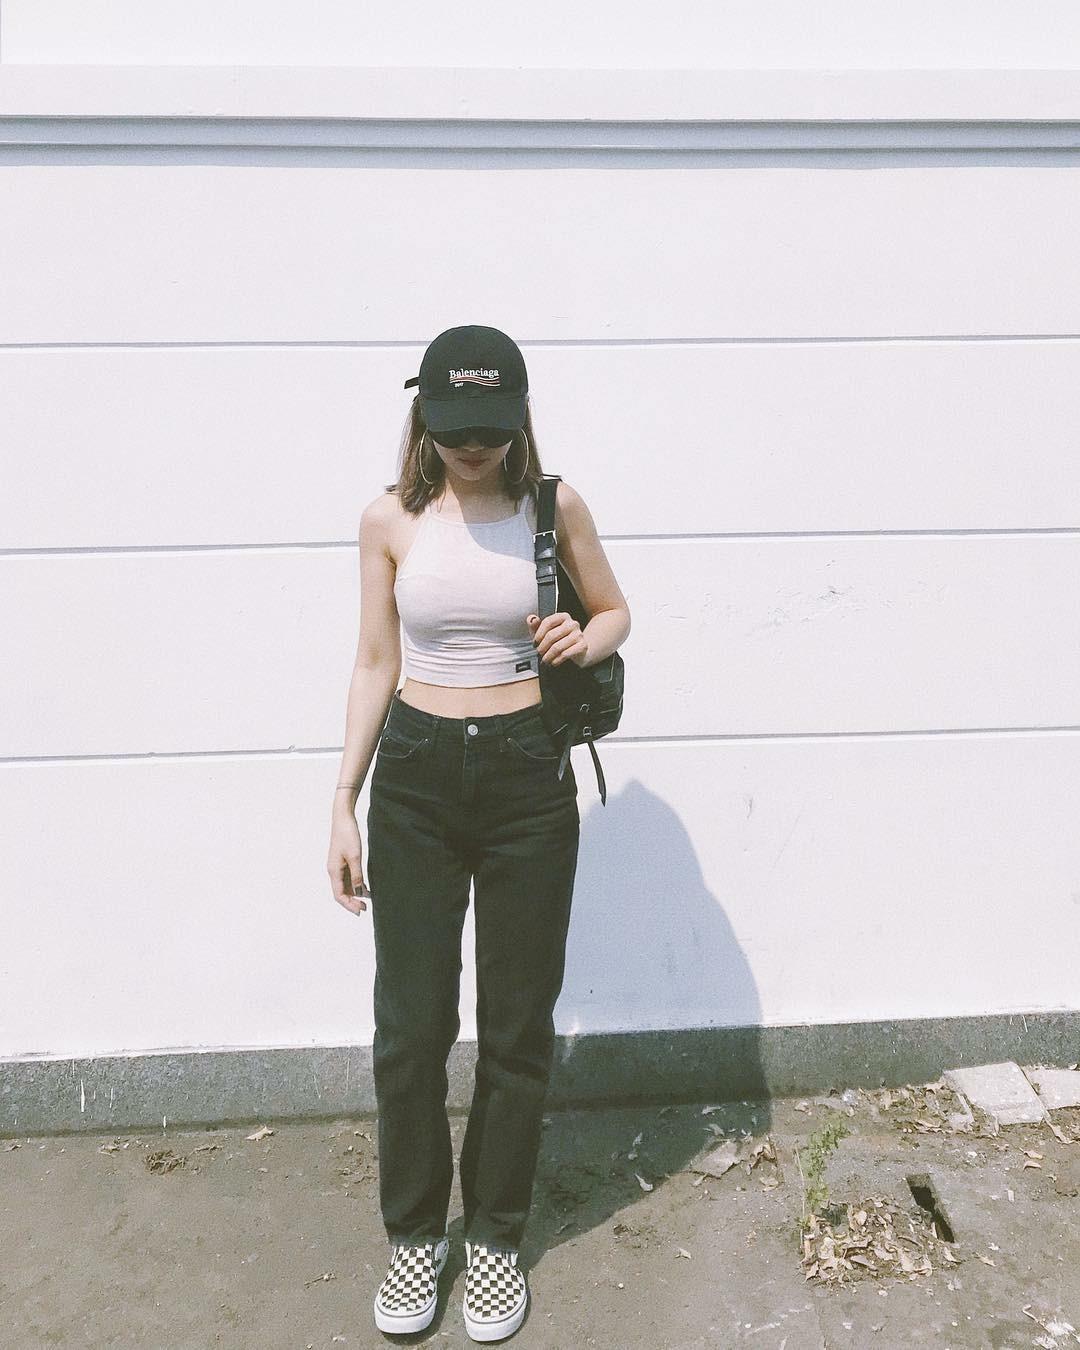 Hot girl Nga Wendy phối cả set đồ với trật tự màu sắc khá thông minh: nón đen, croptop trắng, jeans đen và giày caro trắng đen.